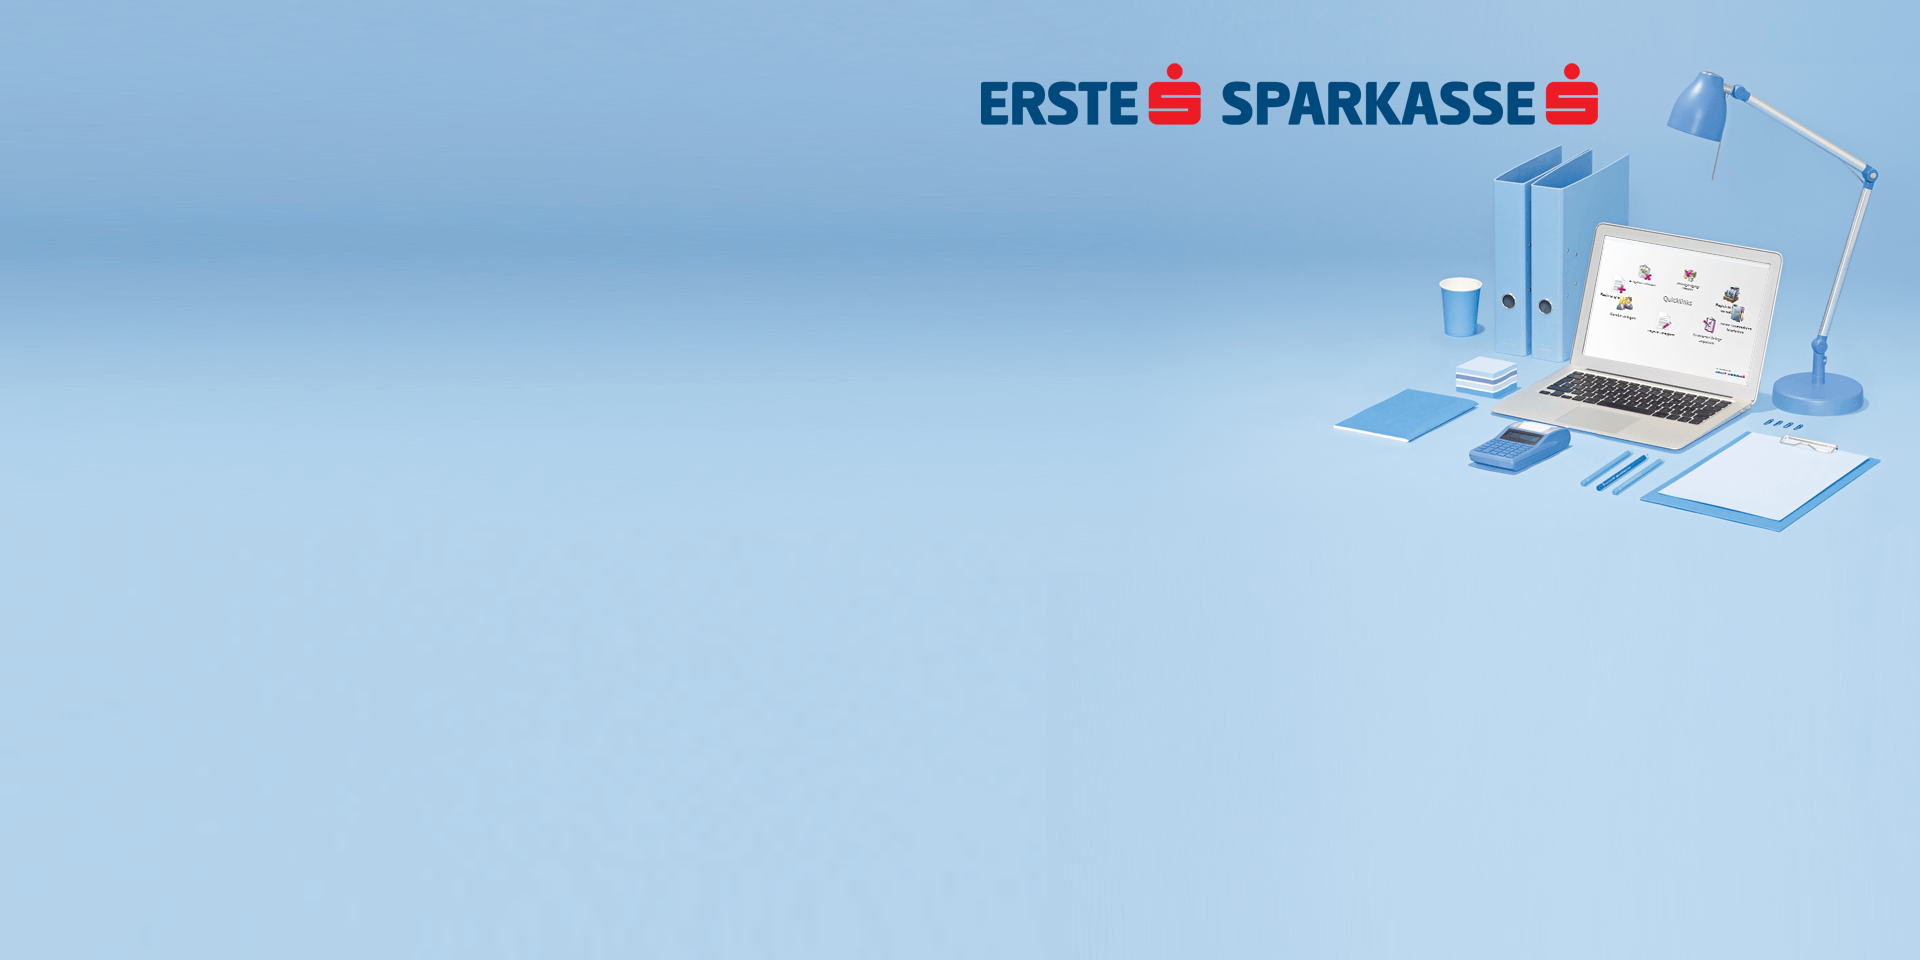 Logos der Erste Bank und Sparkasse mit Laptop und Schreibtischausstattung